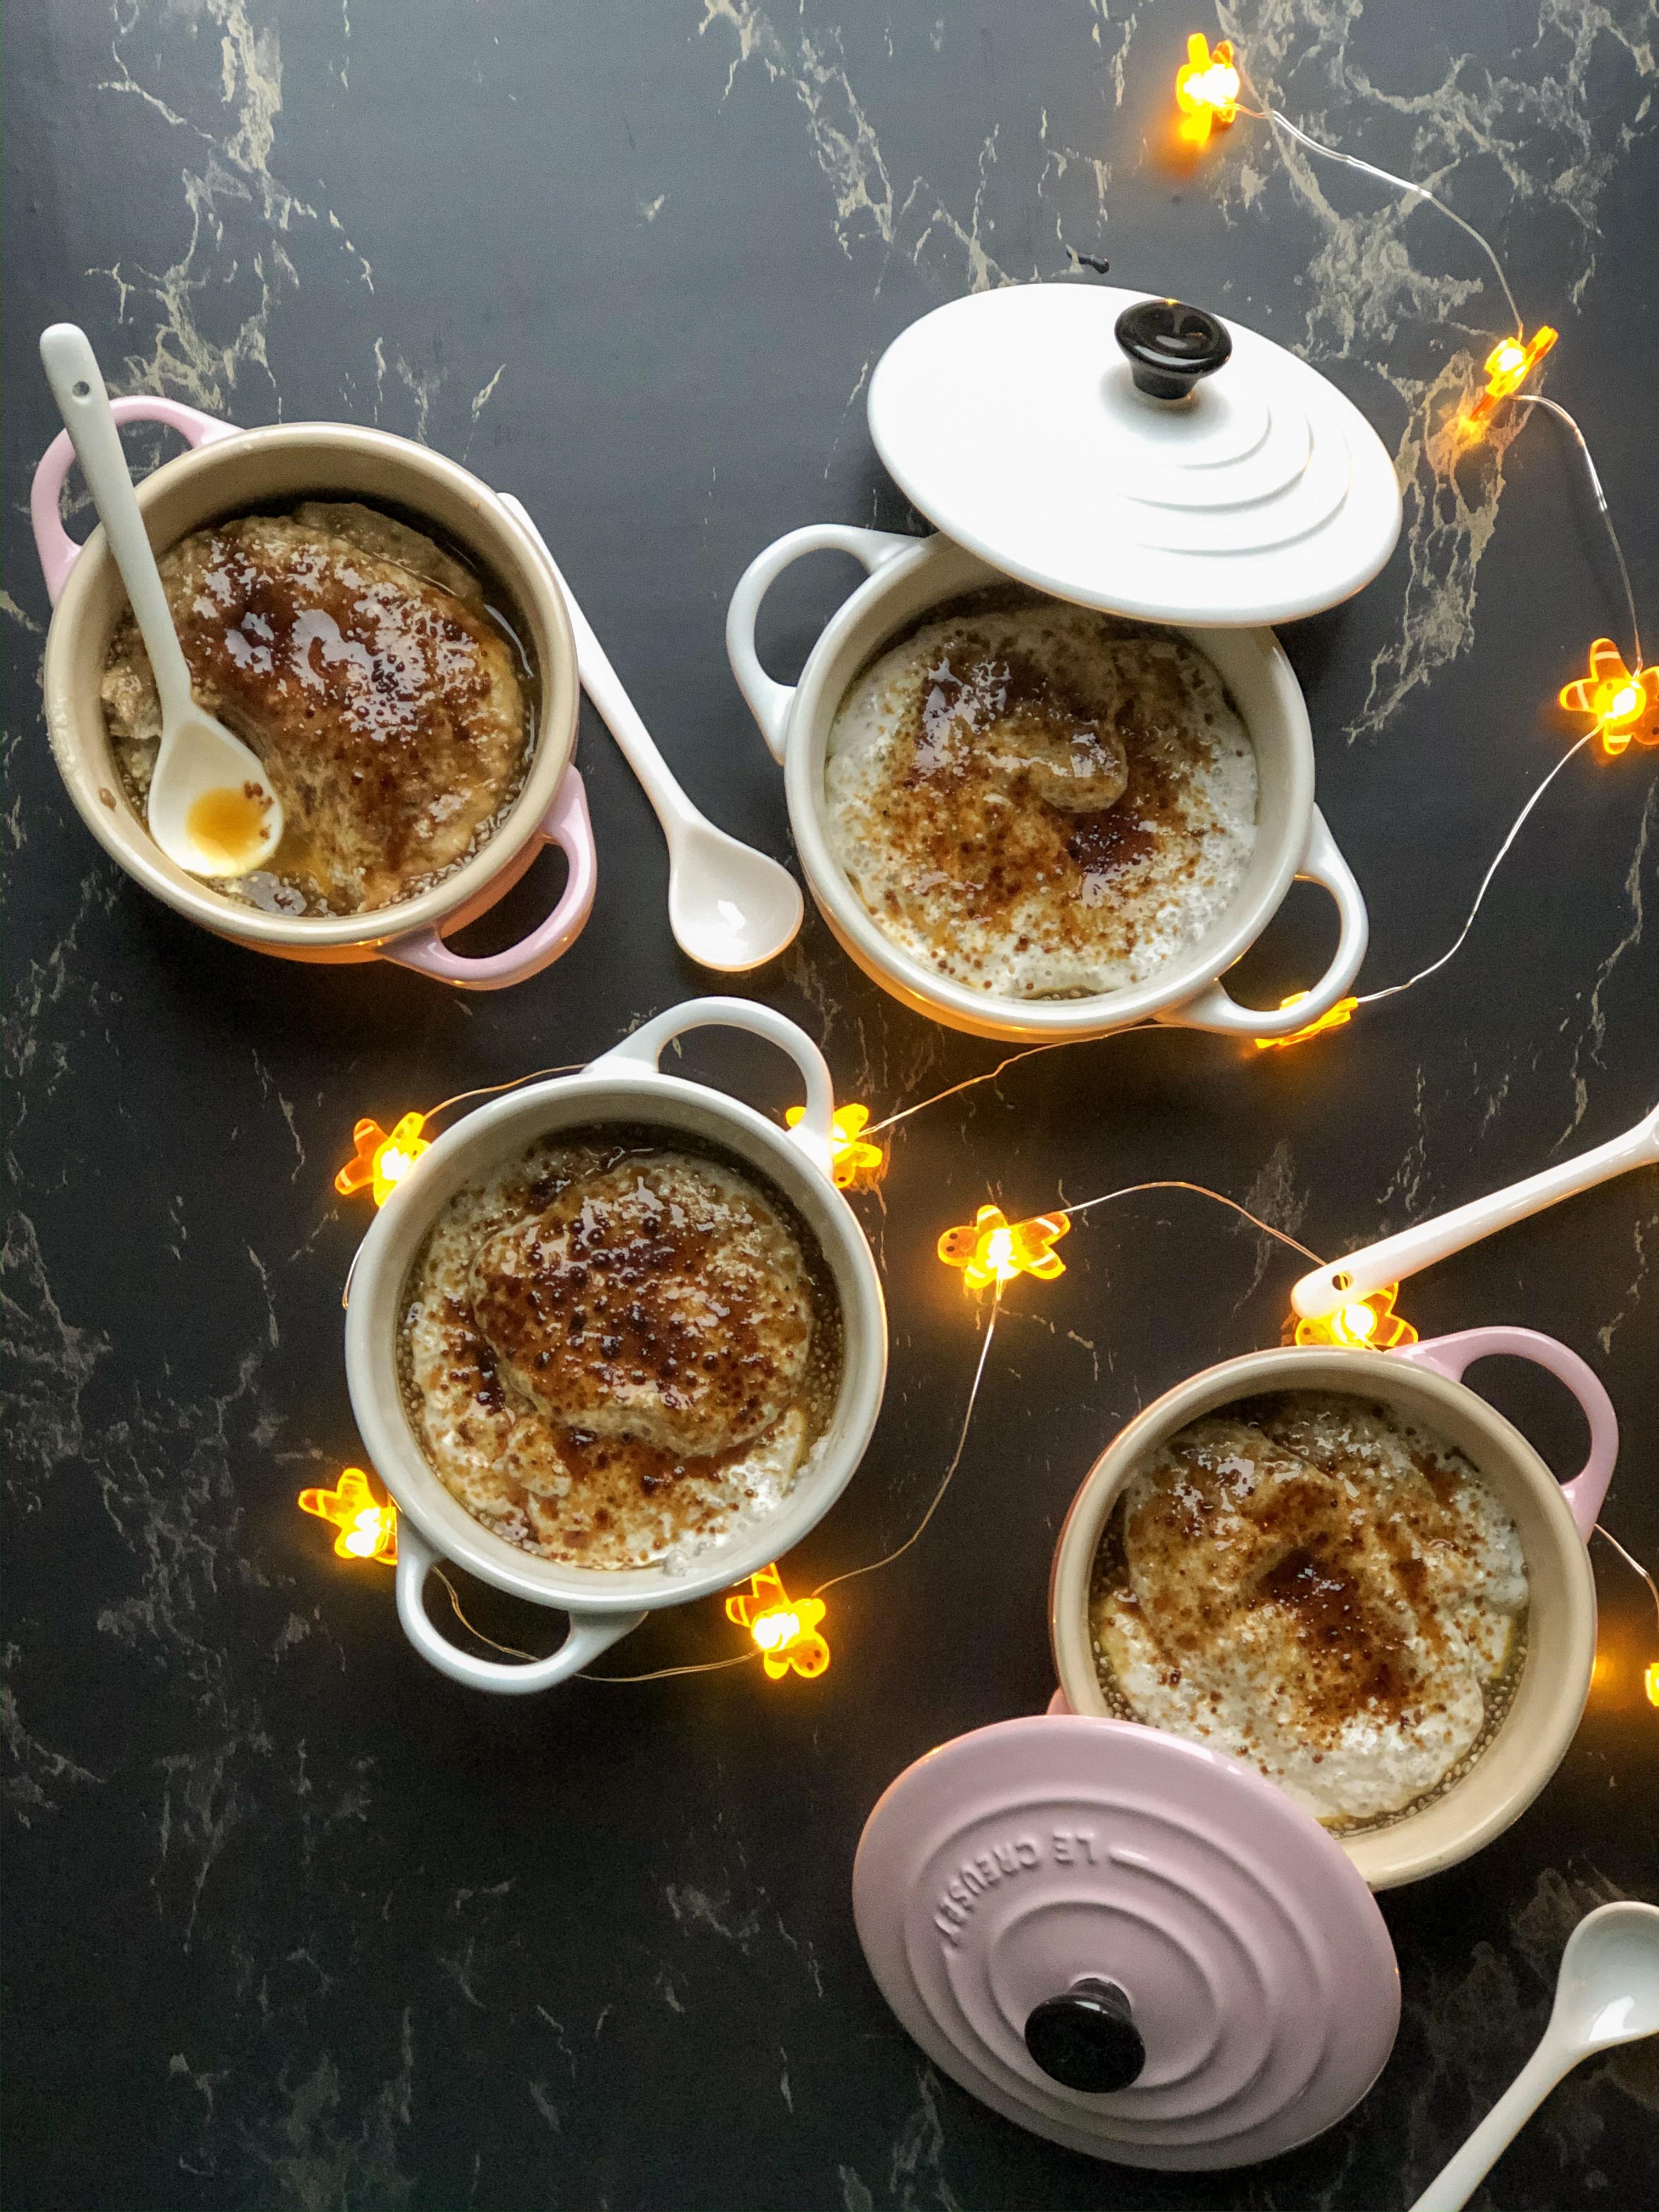 glutenvrij en vegan dessert kokos chia creme brulee